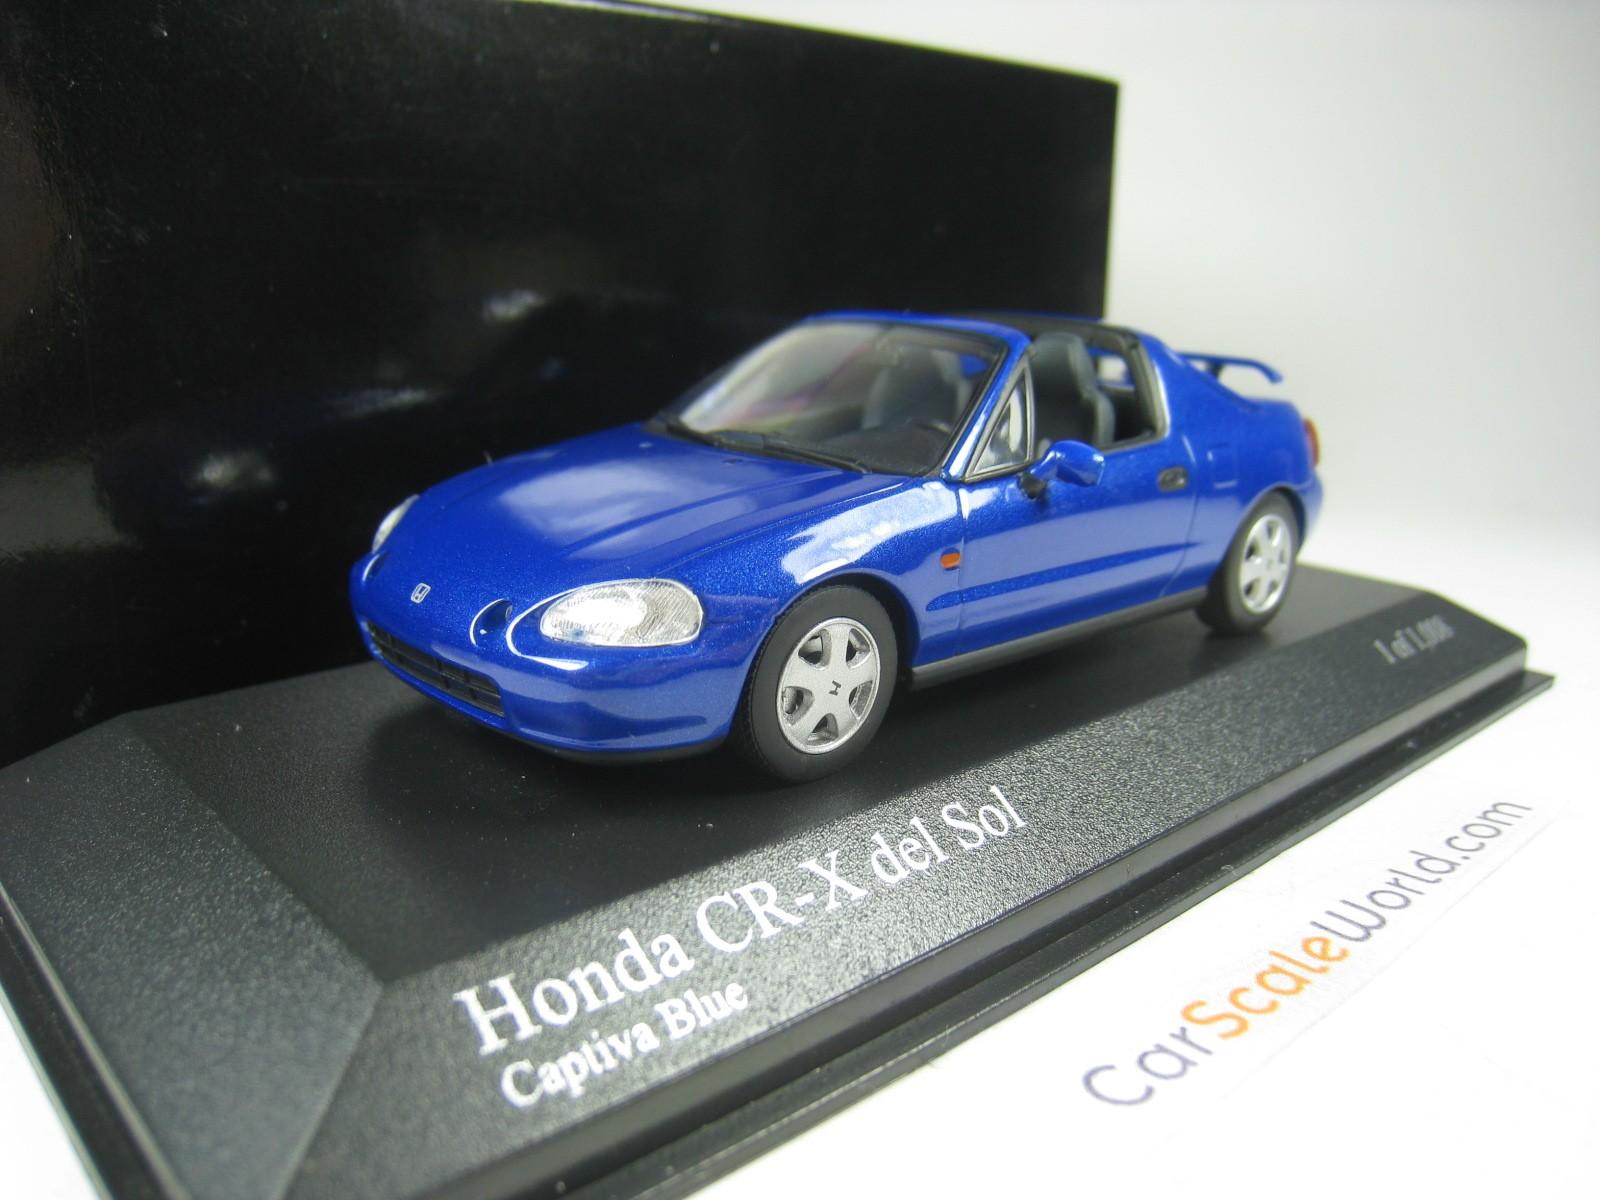 Honda CR-X del sol cabrio 1992 verde oscuro metalizado maqueta de coche 1:43 maxichamps